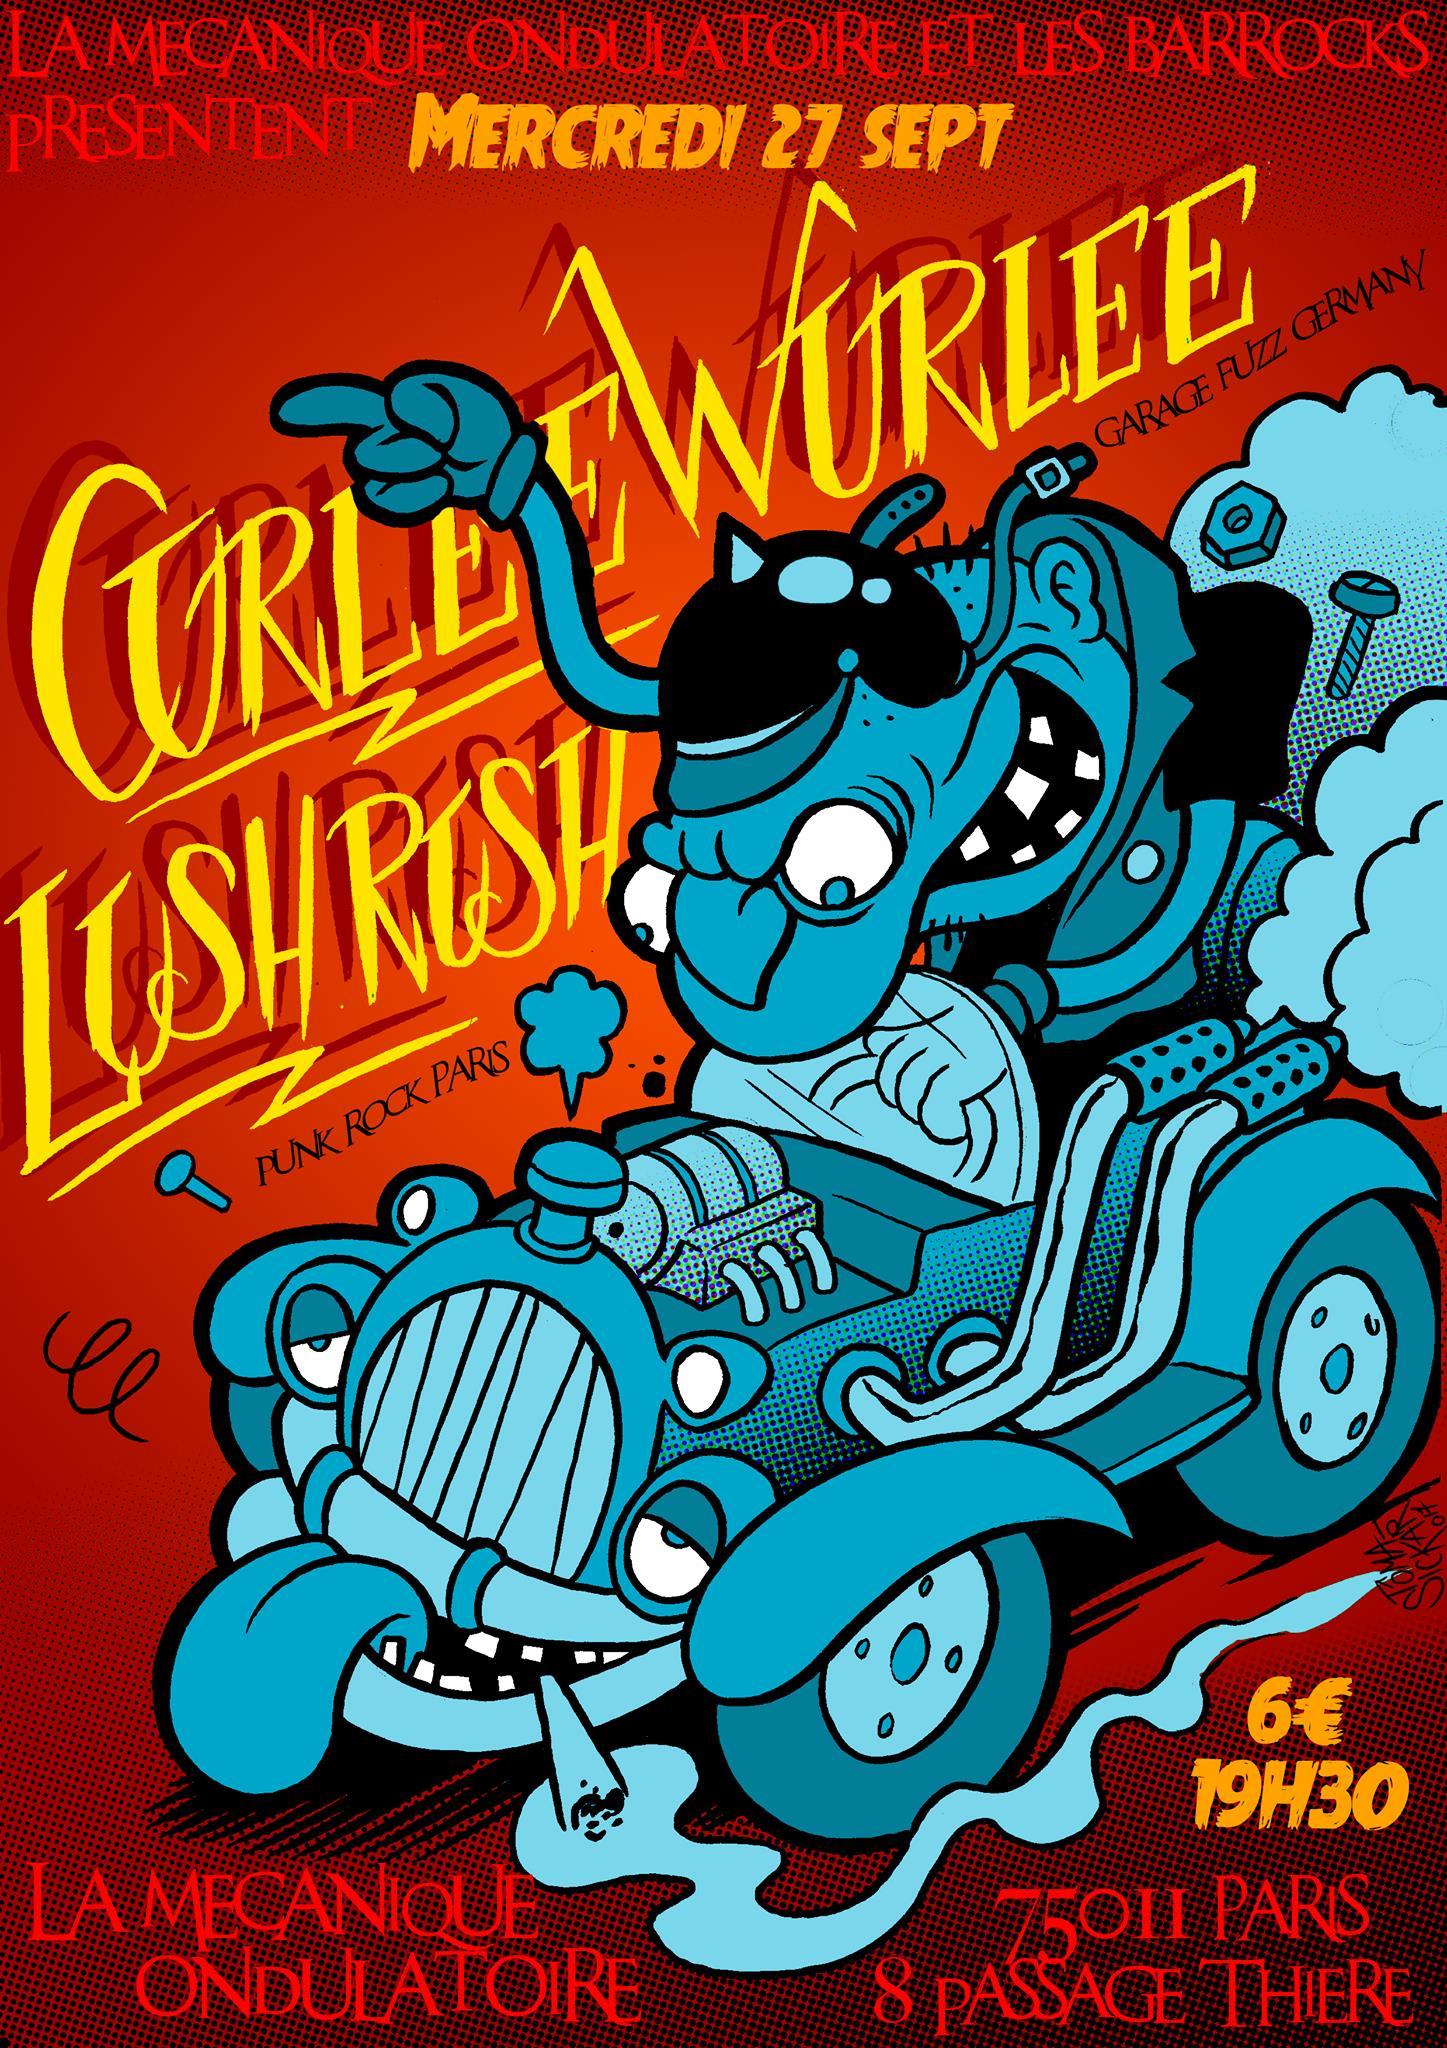 CURLEE WURLEE + LUSH RUSH // 27.09